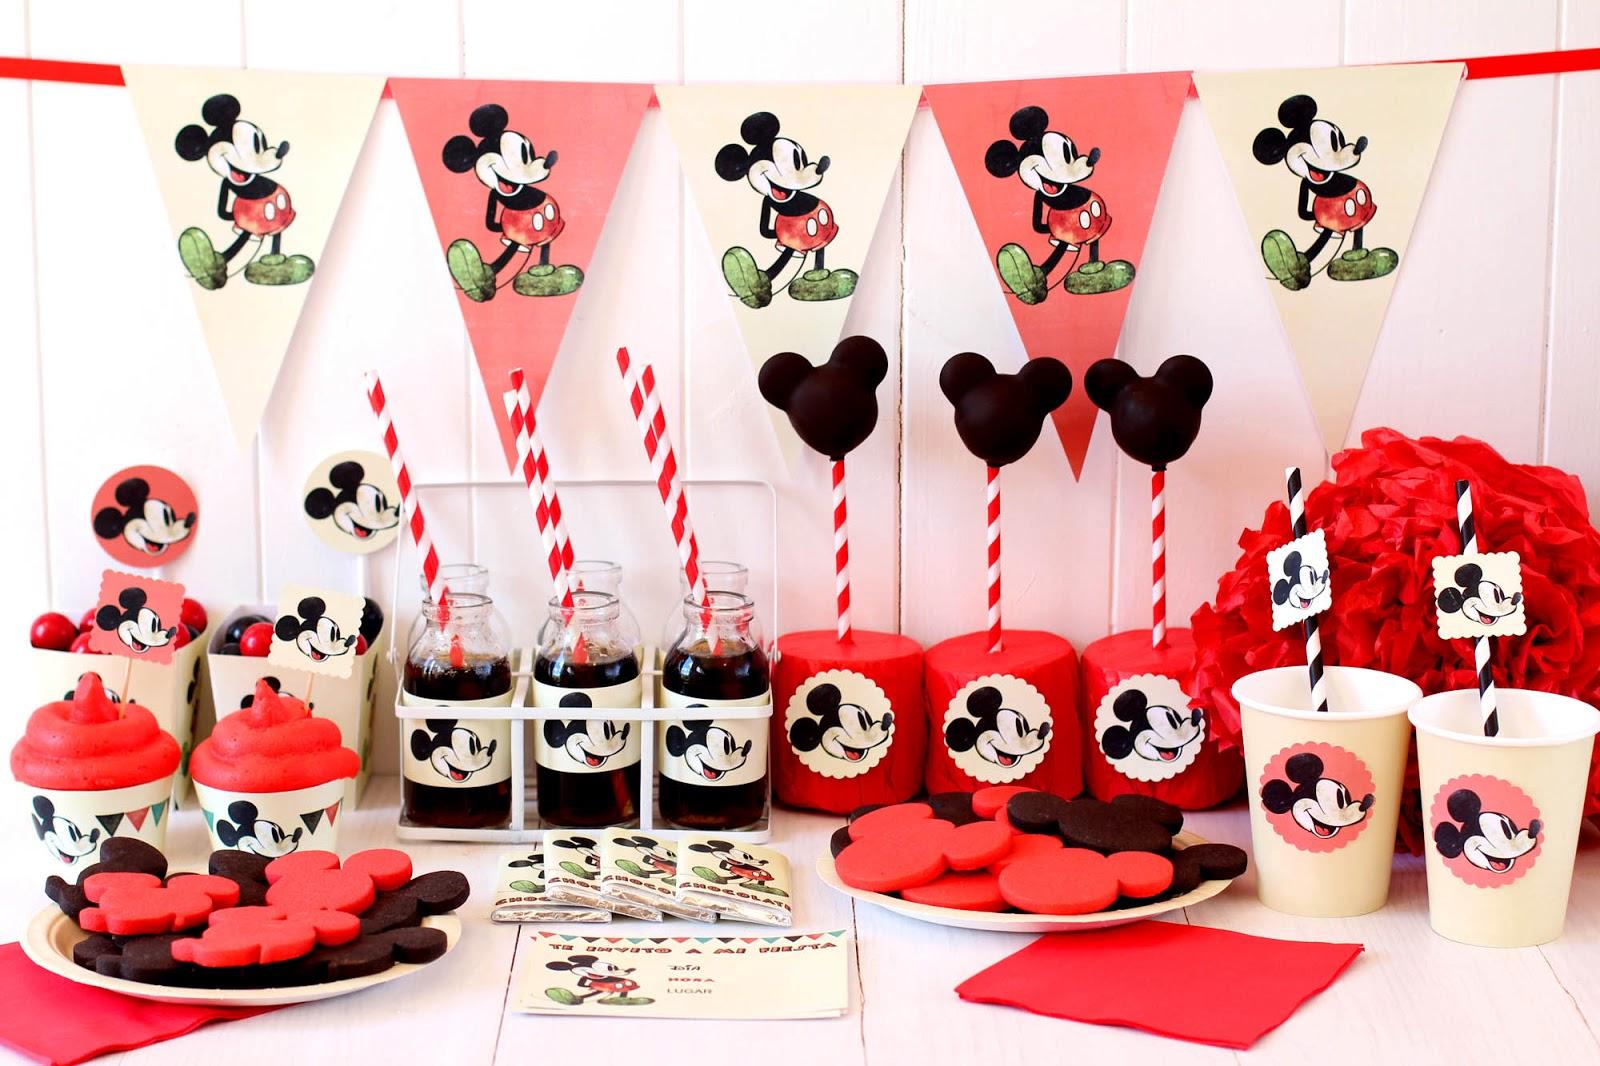 Fiesta vintage de mickey mouse postreadicci n cursos de for Decoracion fiesta vintage